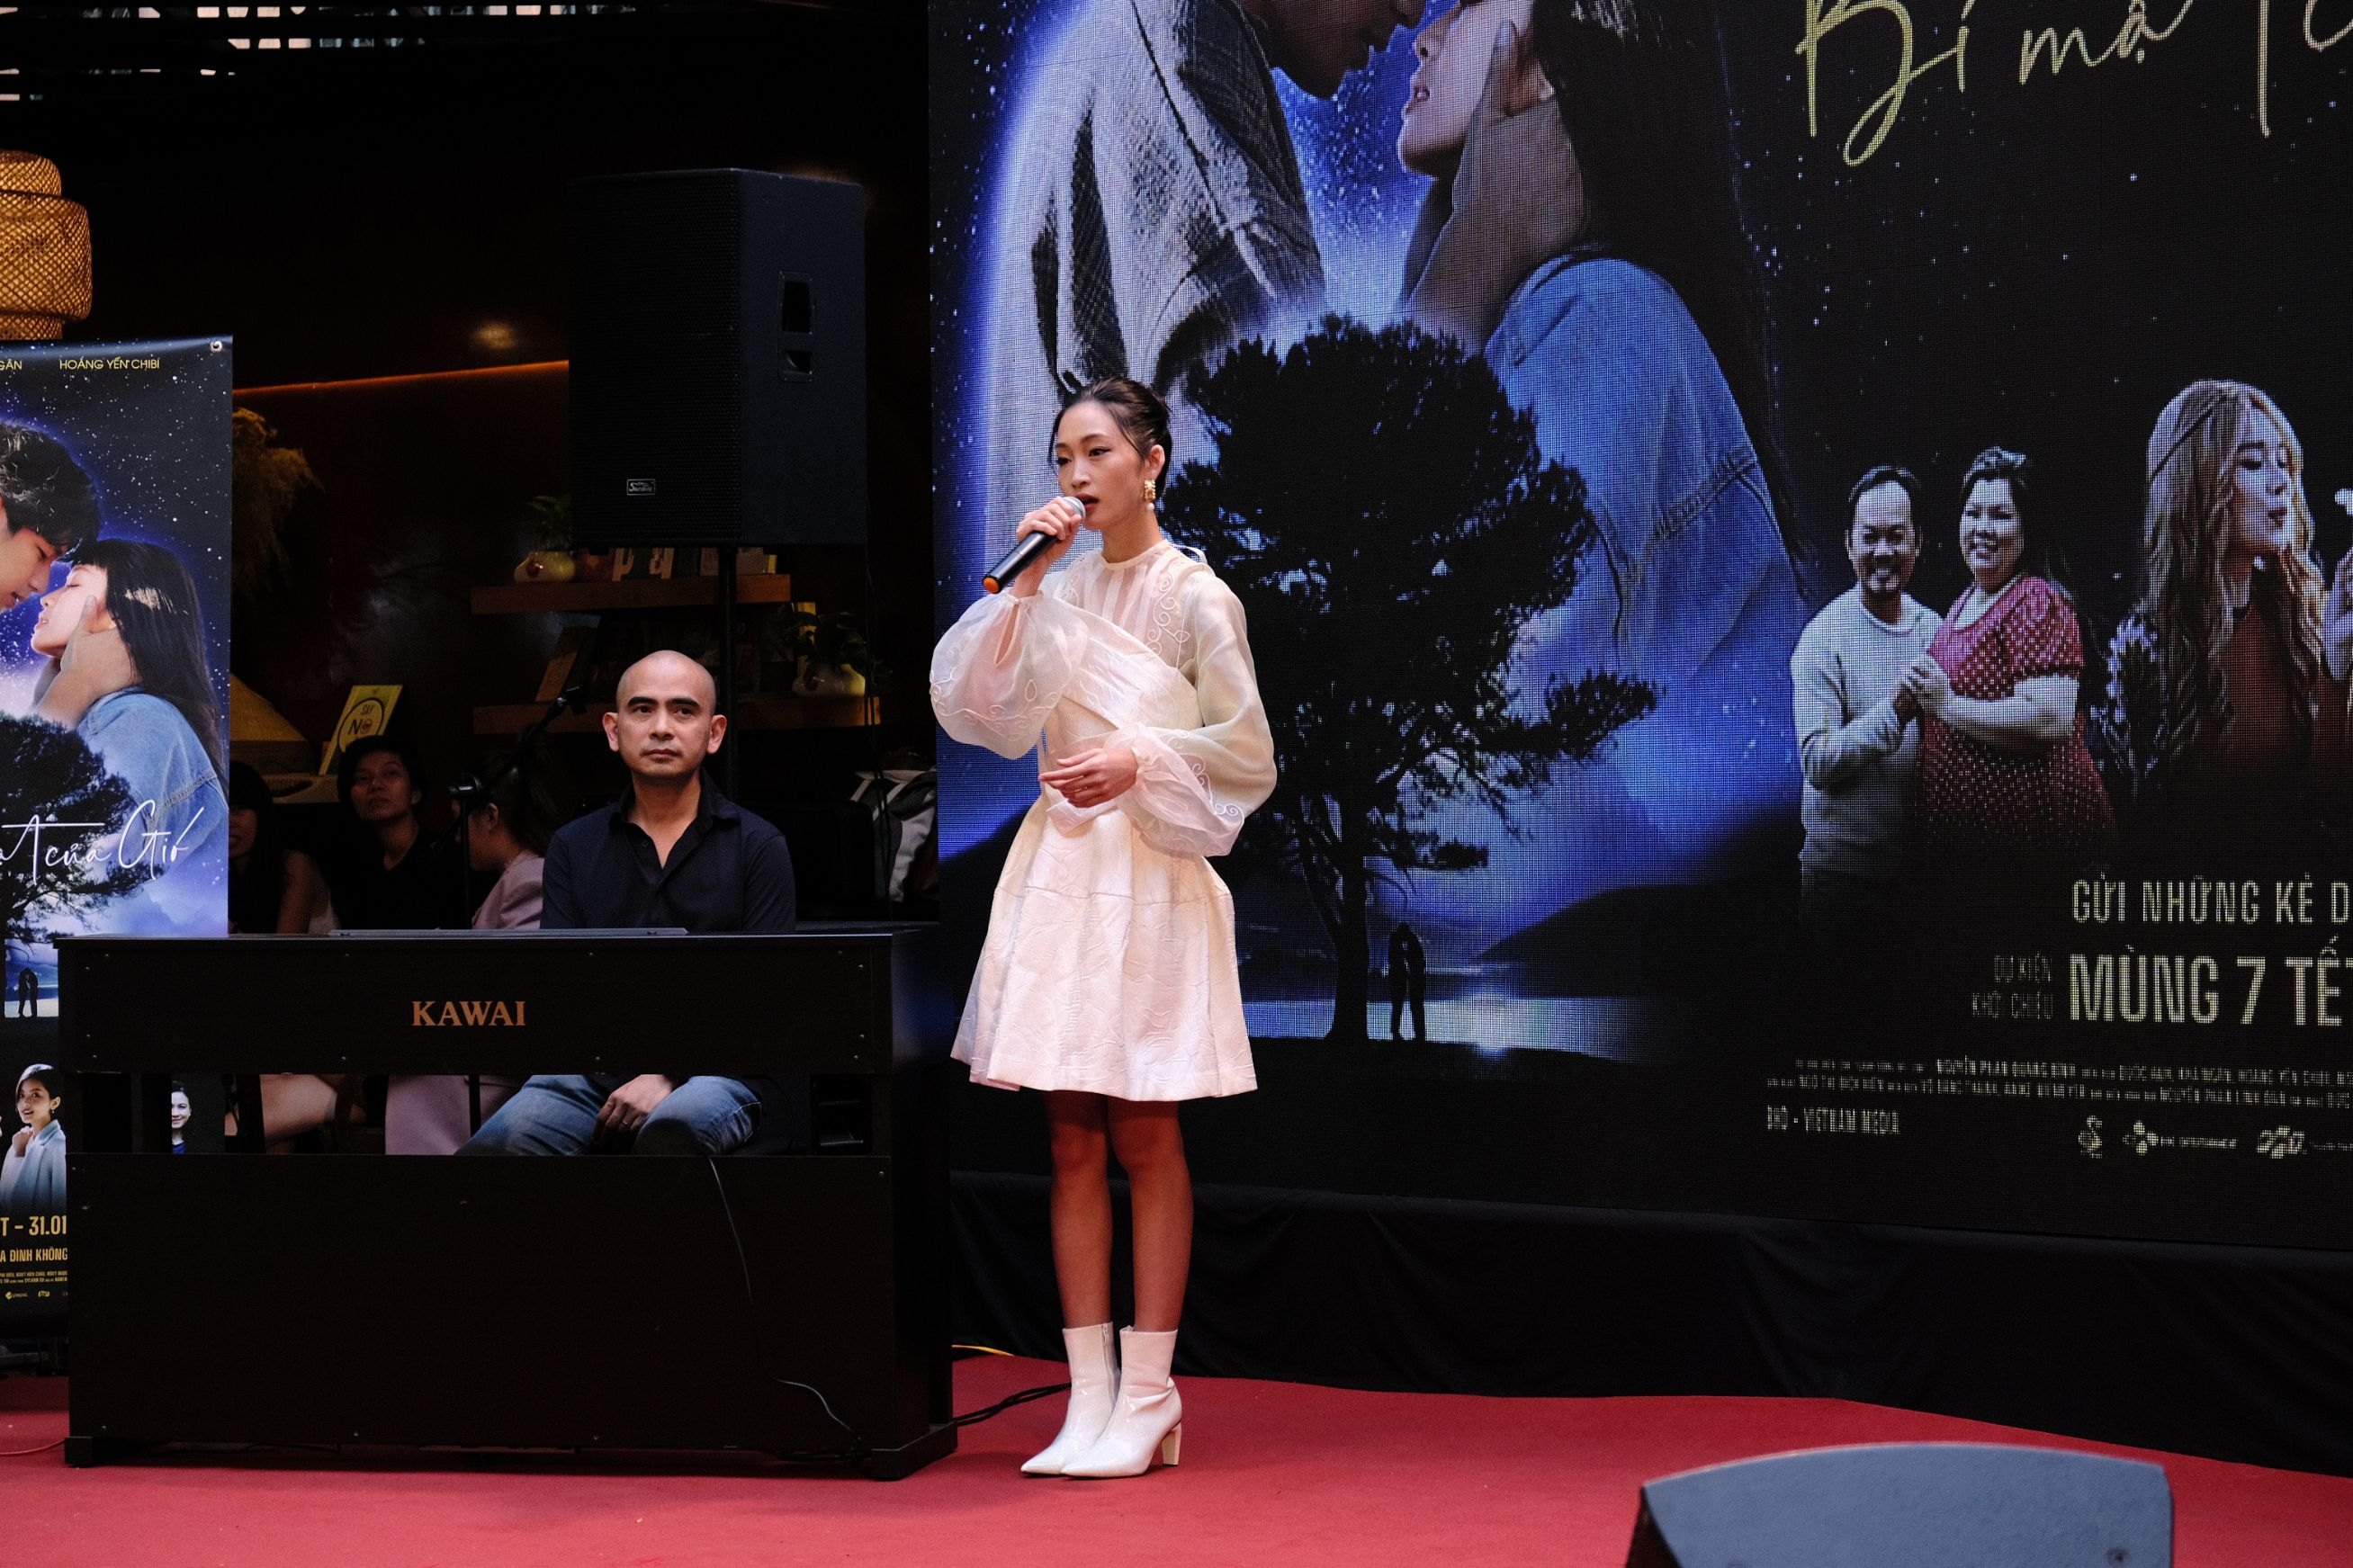 """Nàng thơ Juky San được nhạc sĩ Đức Trí """"chọn mặt gửi vàng"""" hát nhạc phim"""